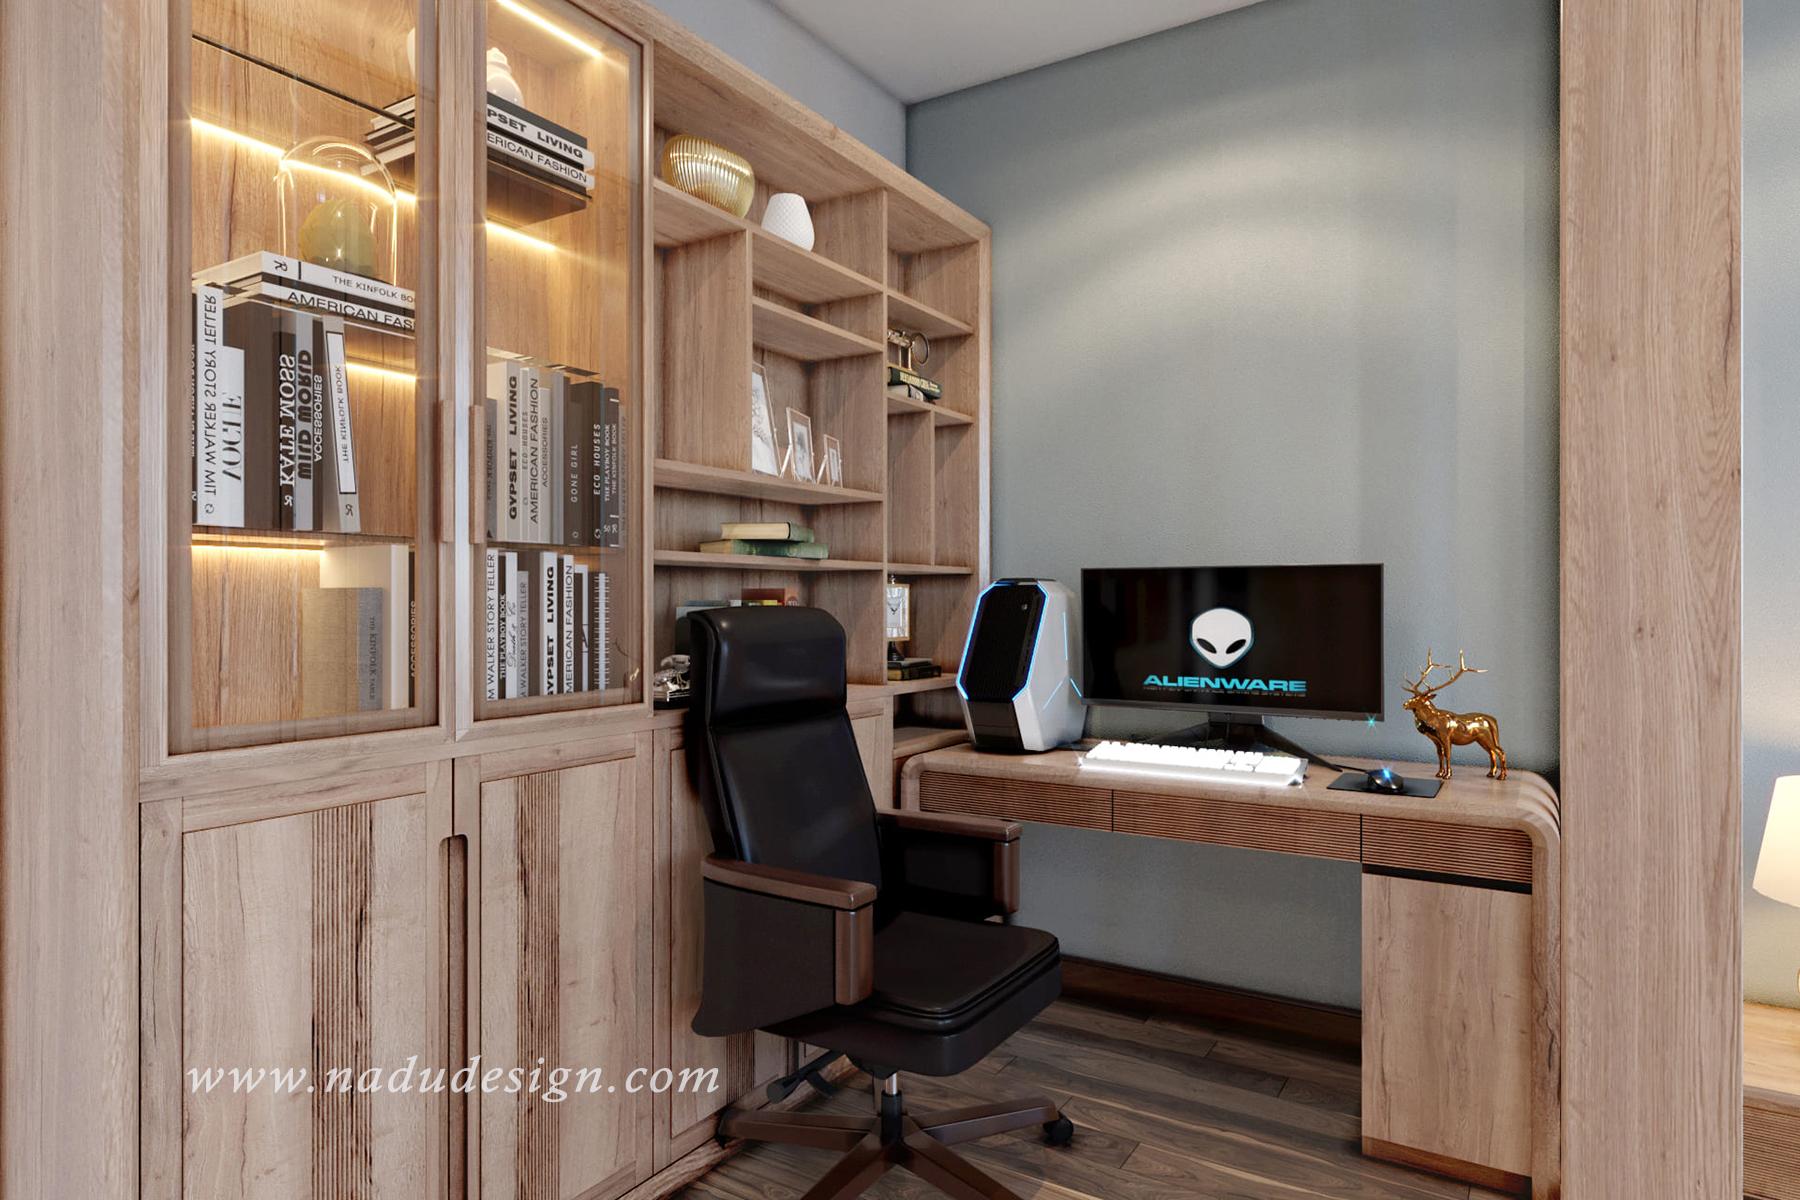 Mẫu thiết kế nội thất phòng ngủ 20m vuông sang trọng, hiện đại